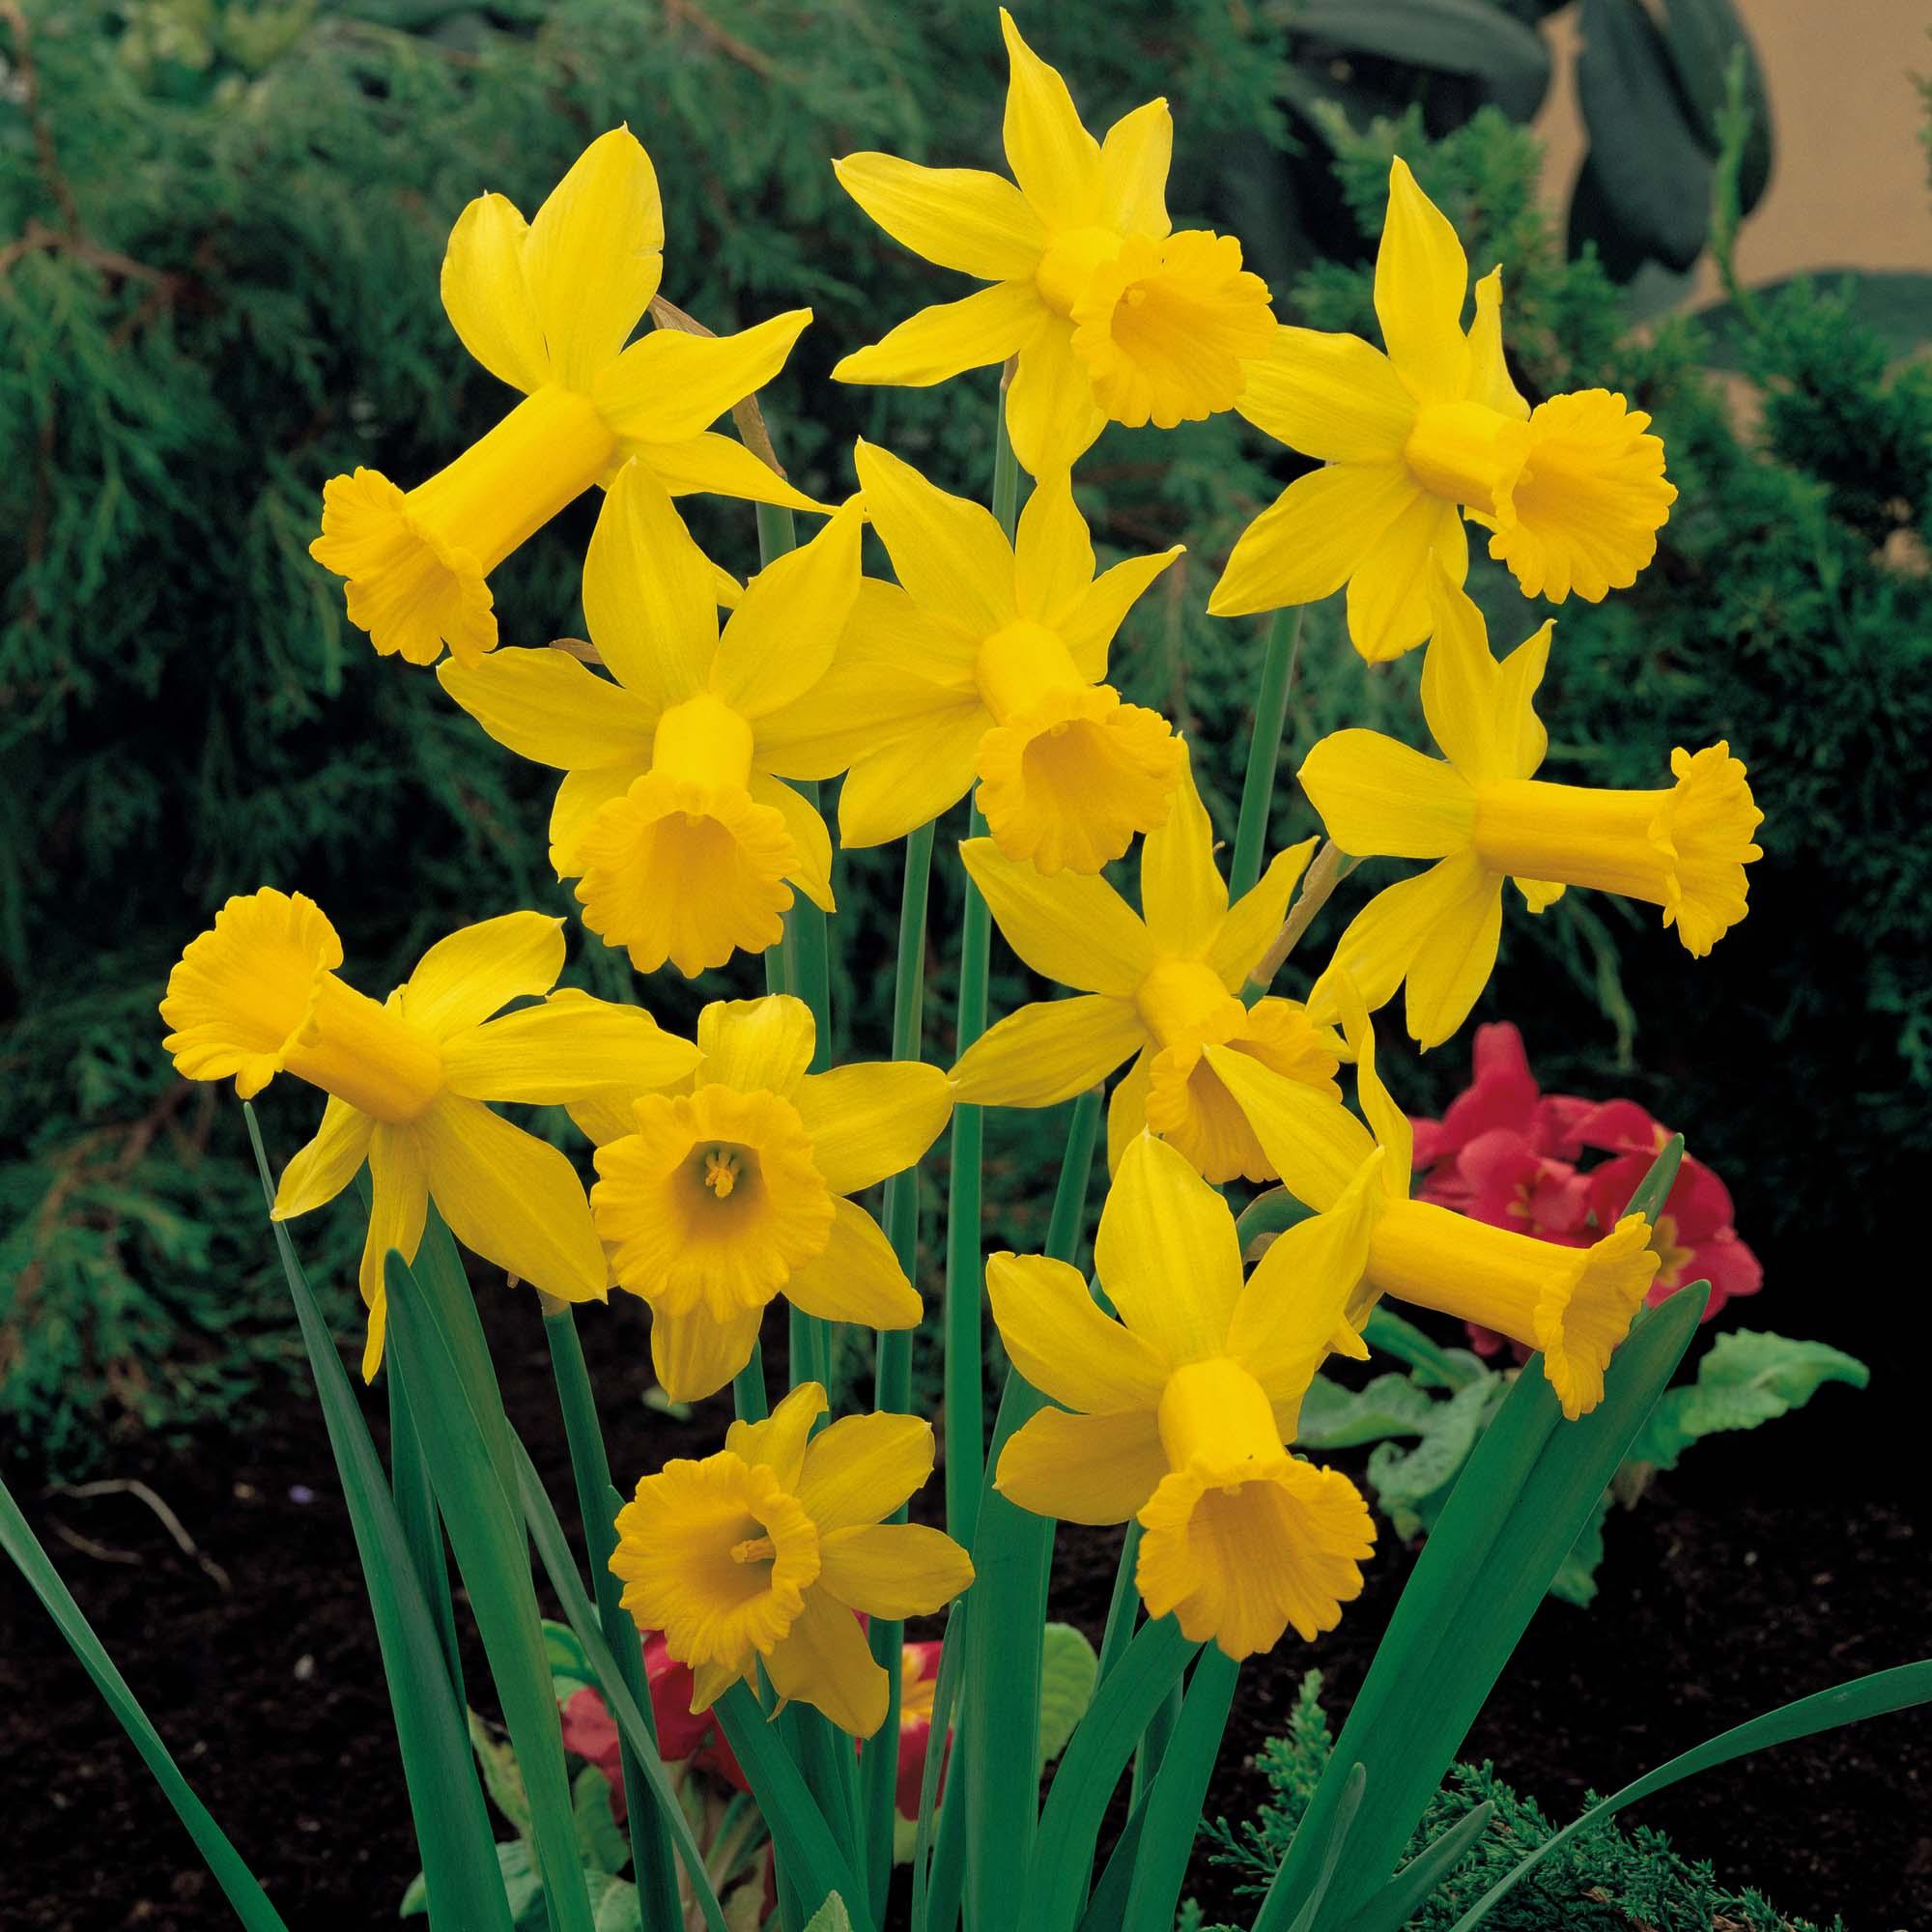 Желтые нарциссы (21 фото): махровые бледно- и ярко-желтые нарциссы и другие сорта цветов с желтой коронкой